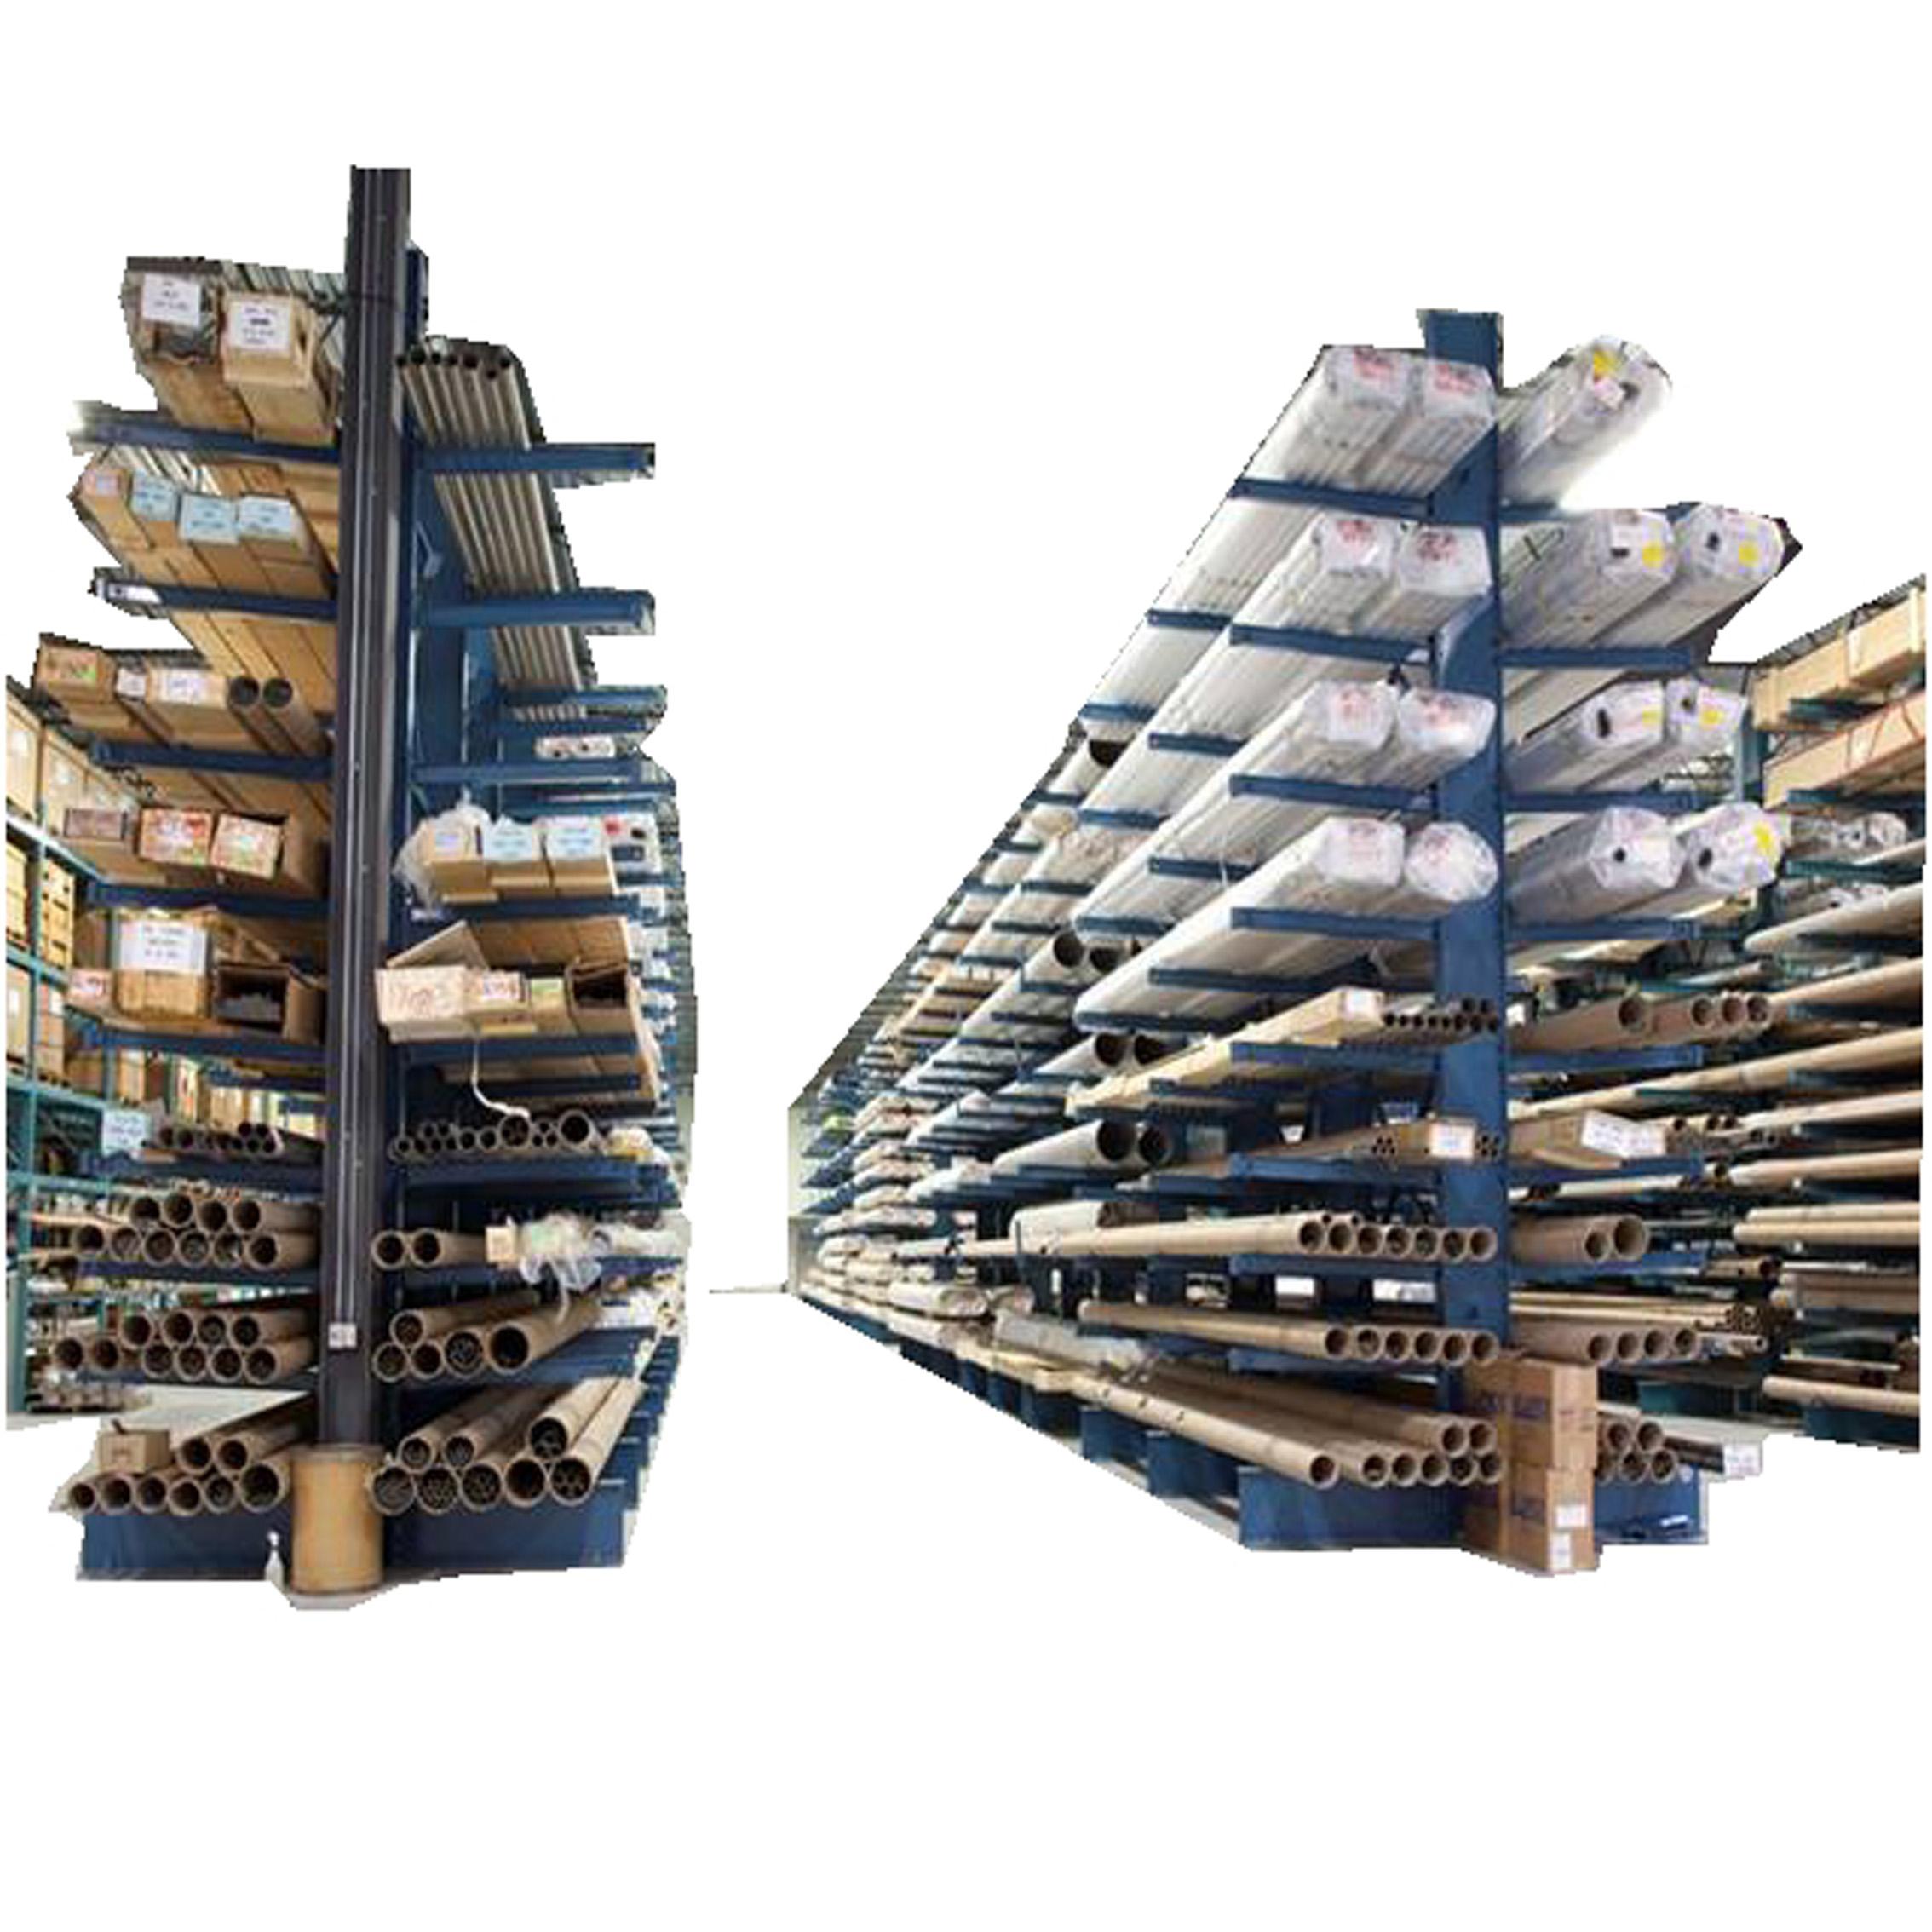 广州伸臂架,广东悬臂货架厂,长条形料架148245985